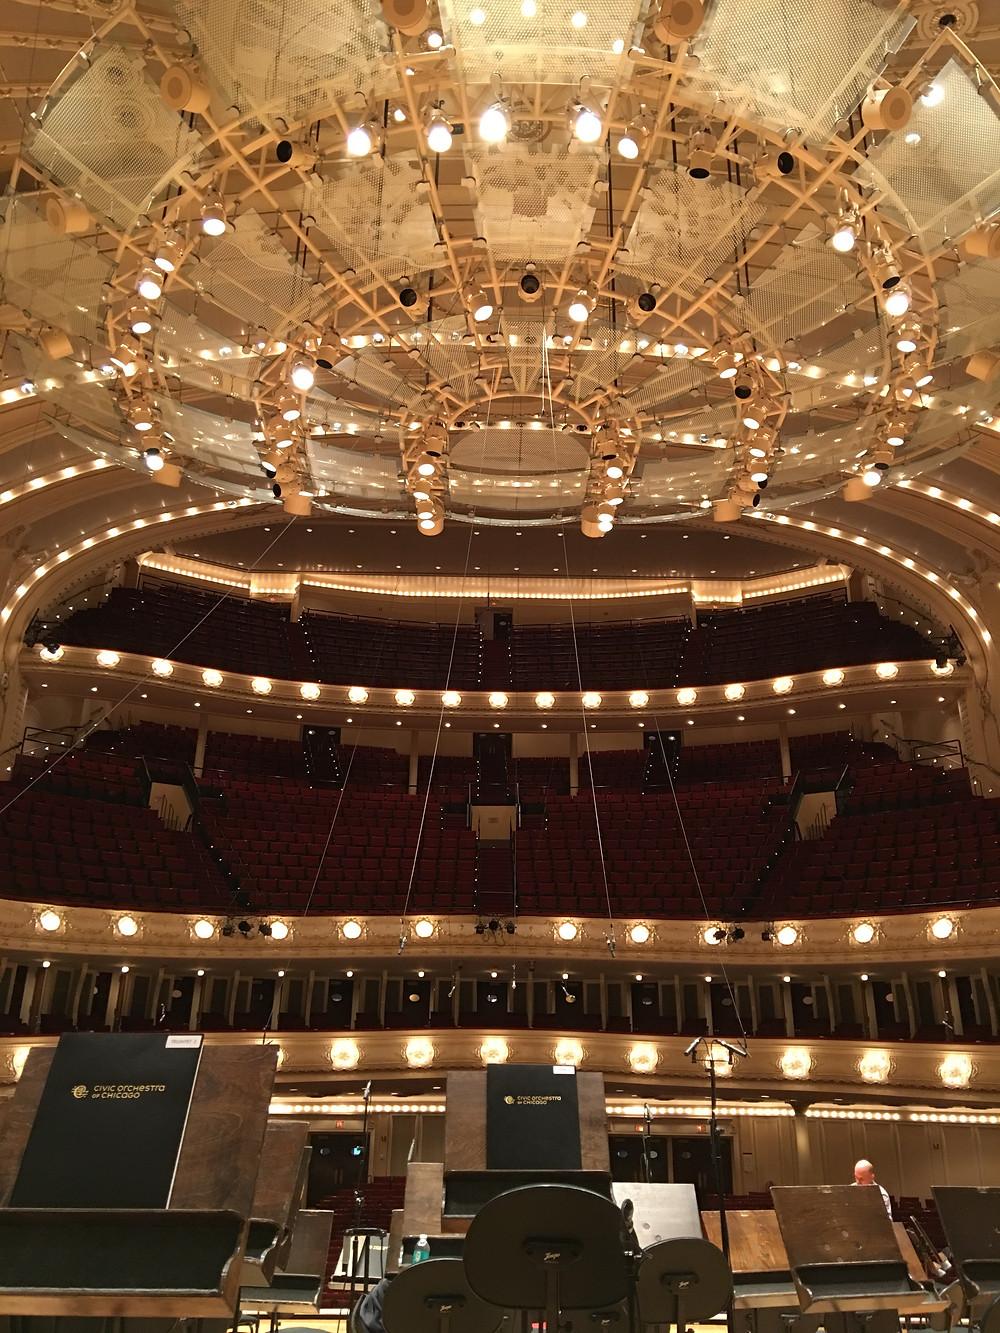 シカゴ交響楽団の本拠地・シンフォニーセンター